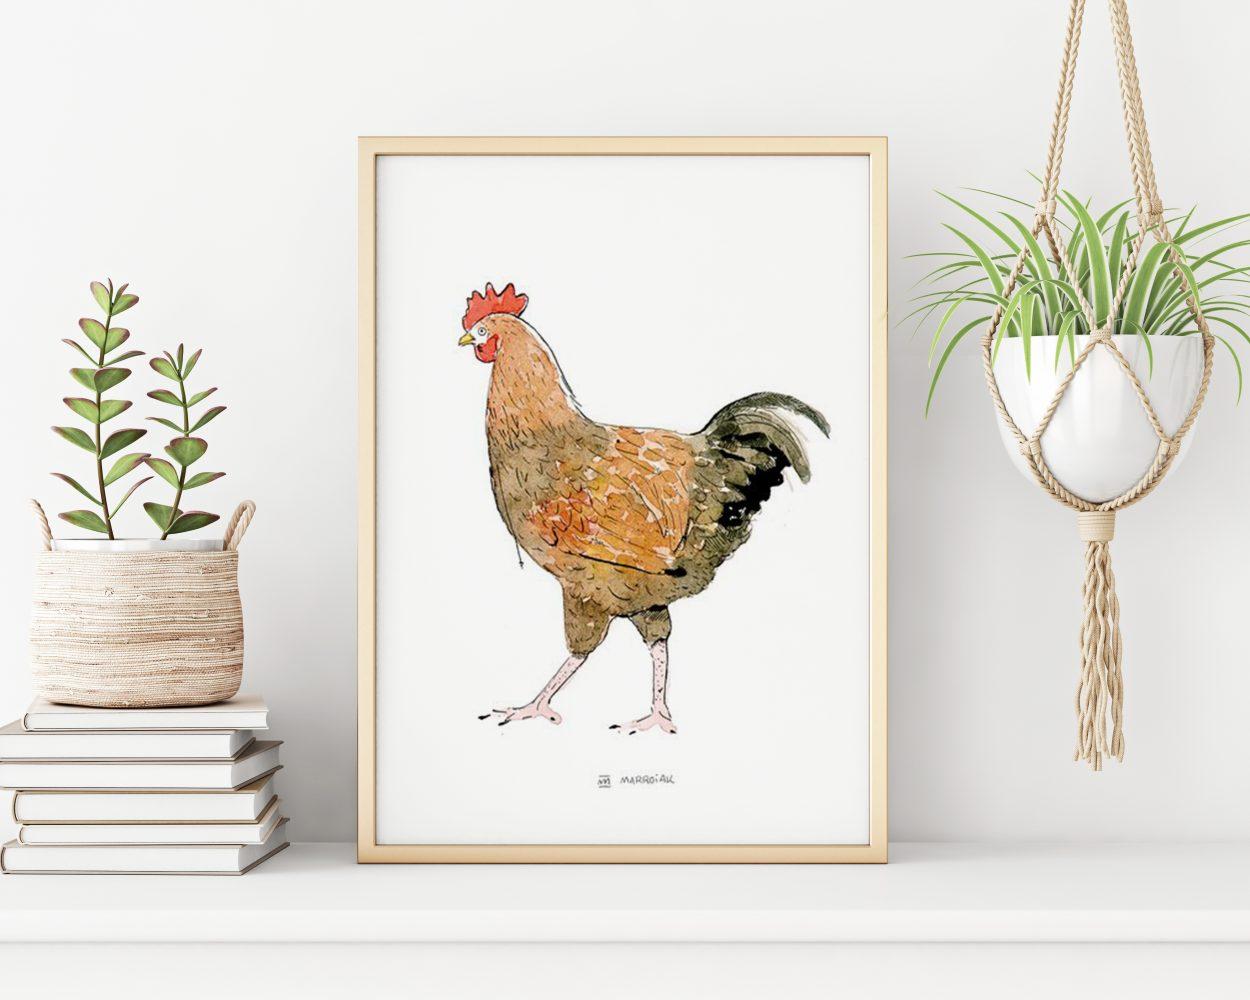 Lámina con la ilustración en acuarela de una gallina. Decoración para la cocina y restaurante. Dibujo pollo.